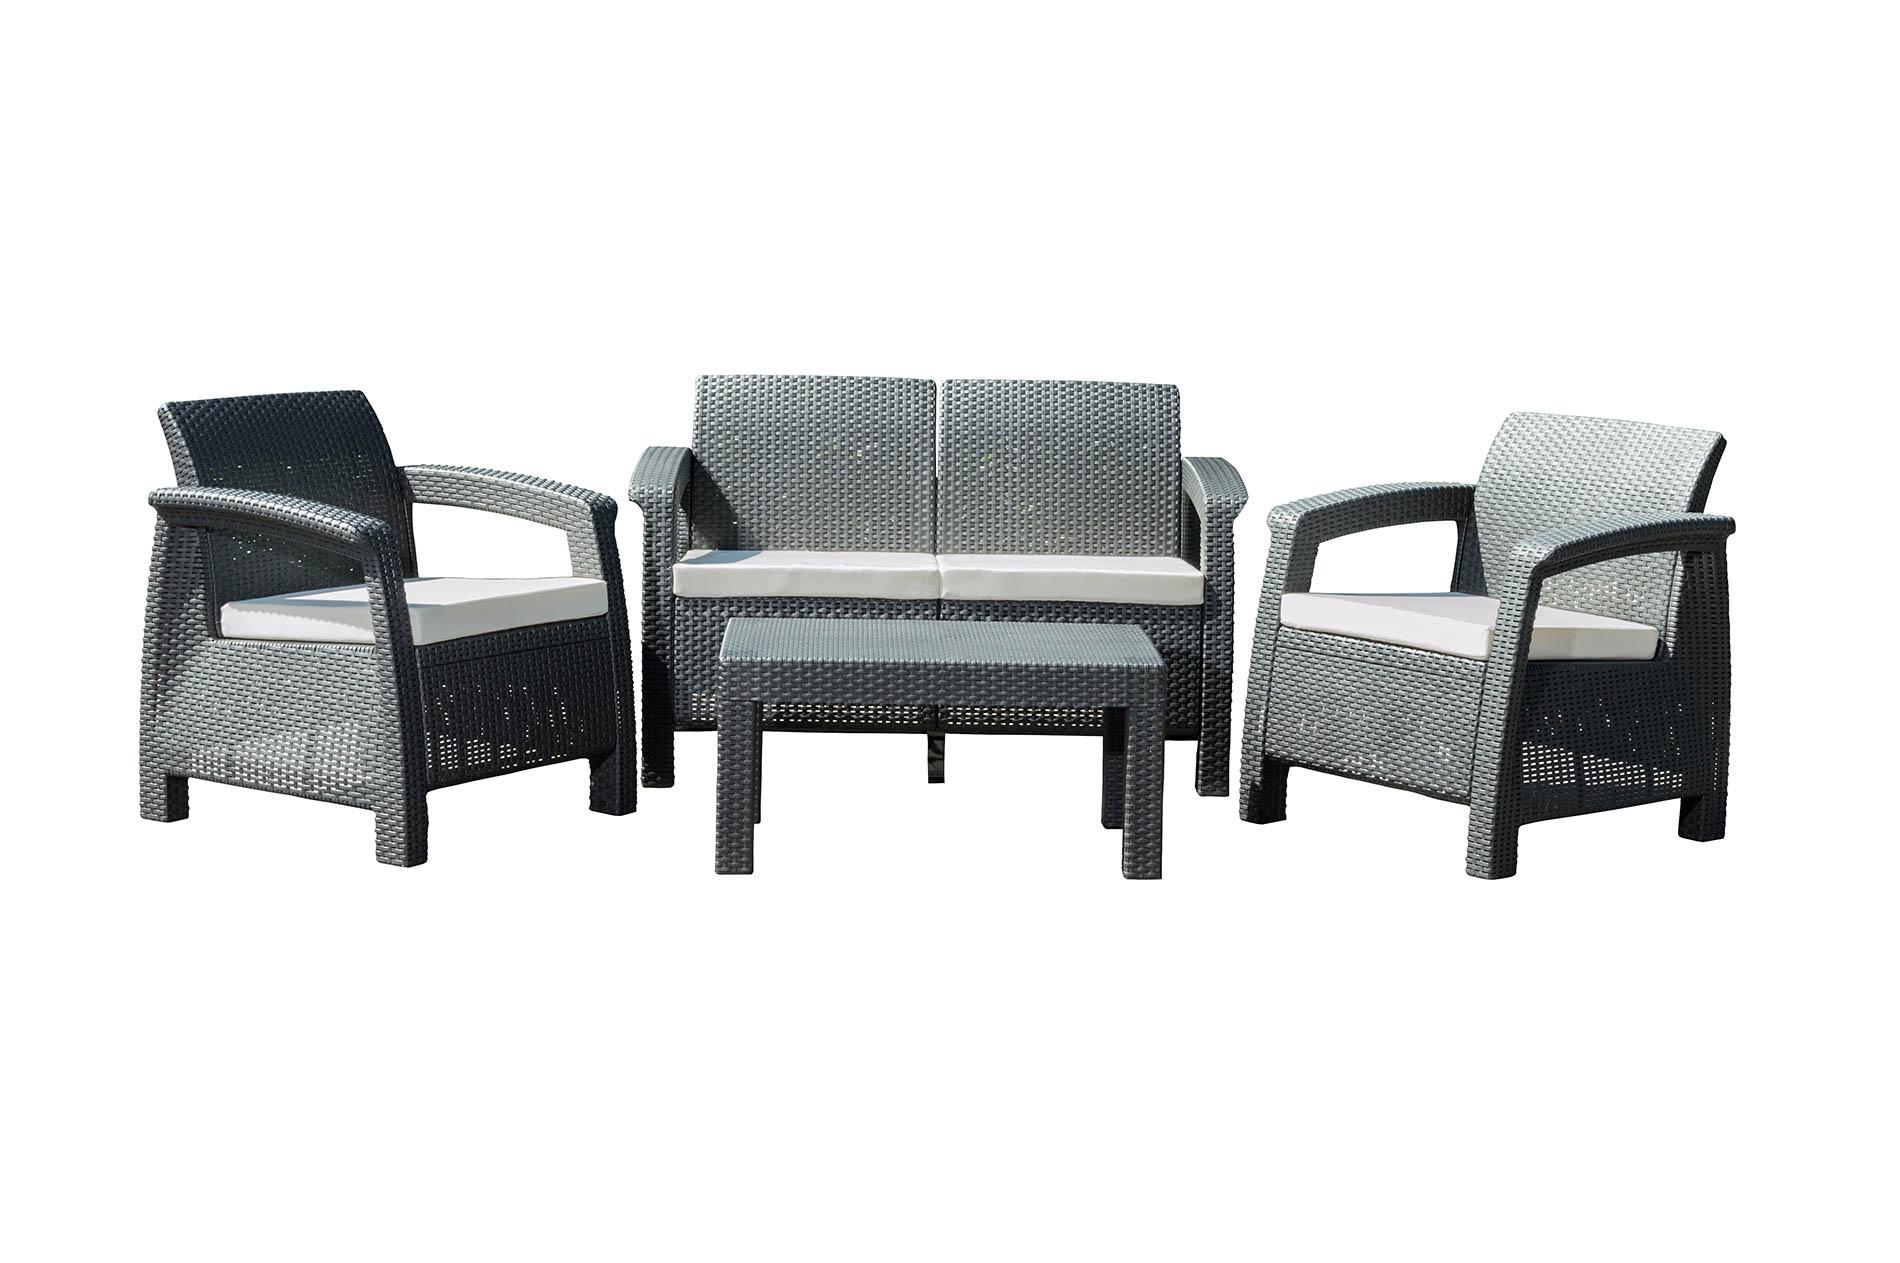 Zahradní nábytek G21 MOANA FAMILY imitace ratanu, černý (2+1+1) + doprava zdarma